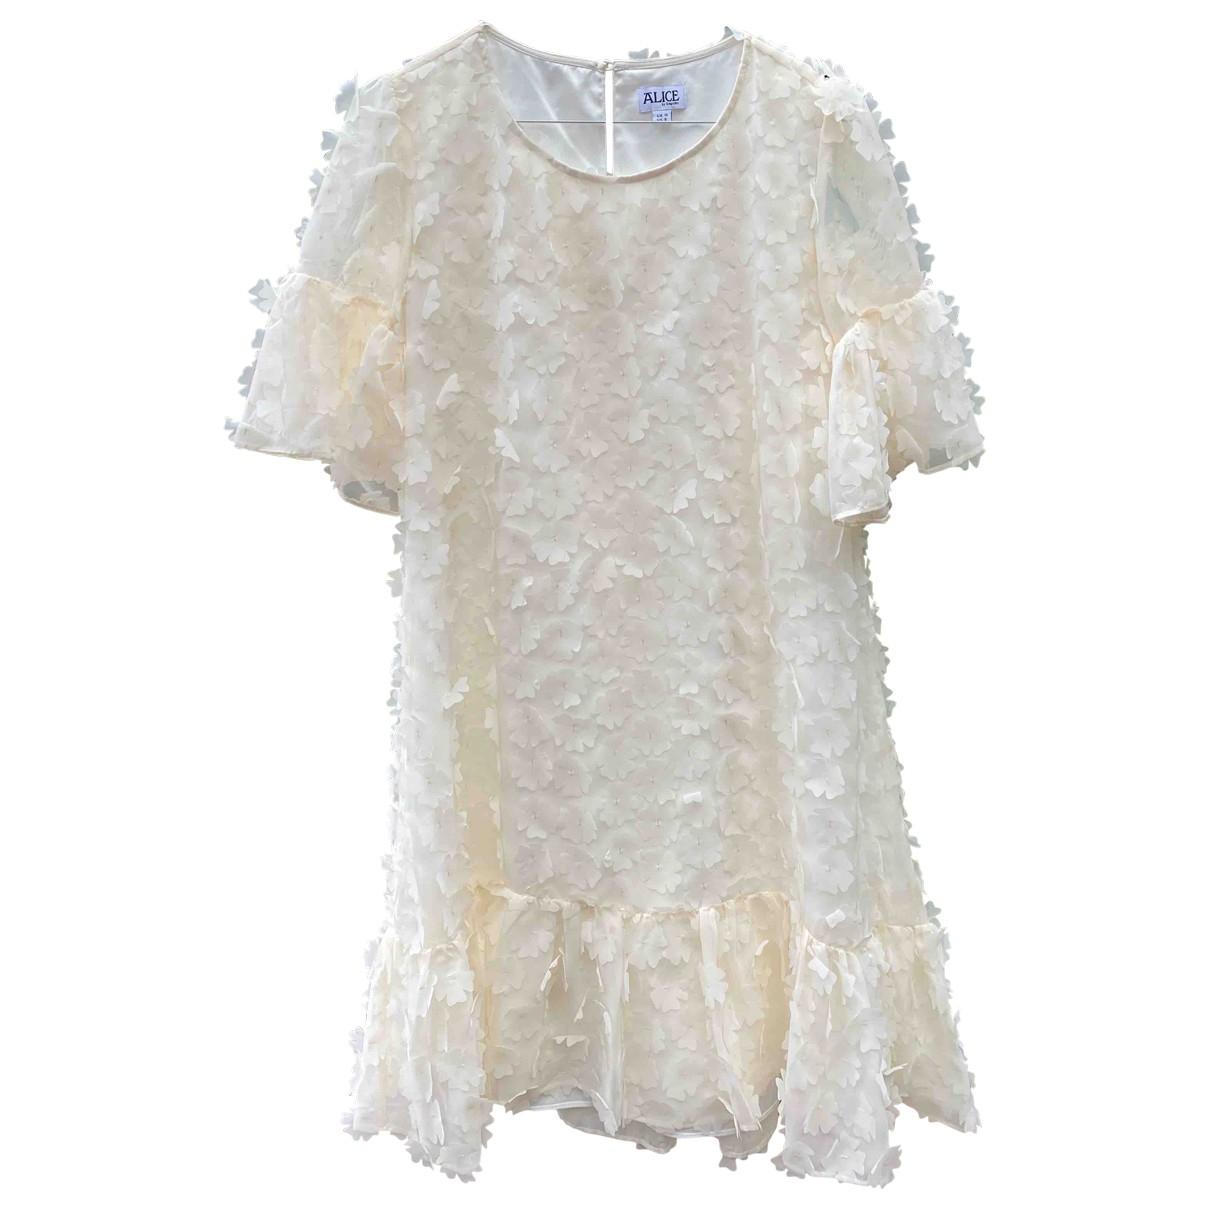 Alice By Temperley \N Ecru dress for Women 10 UK